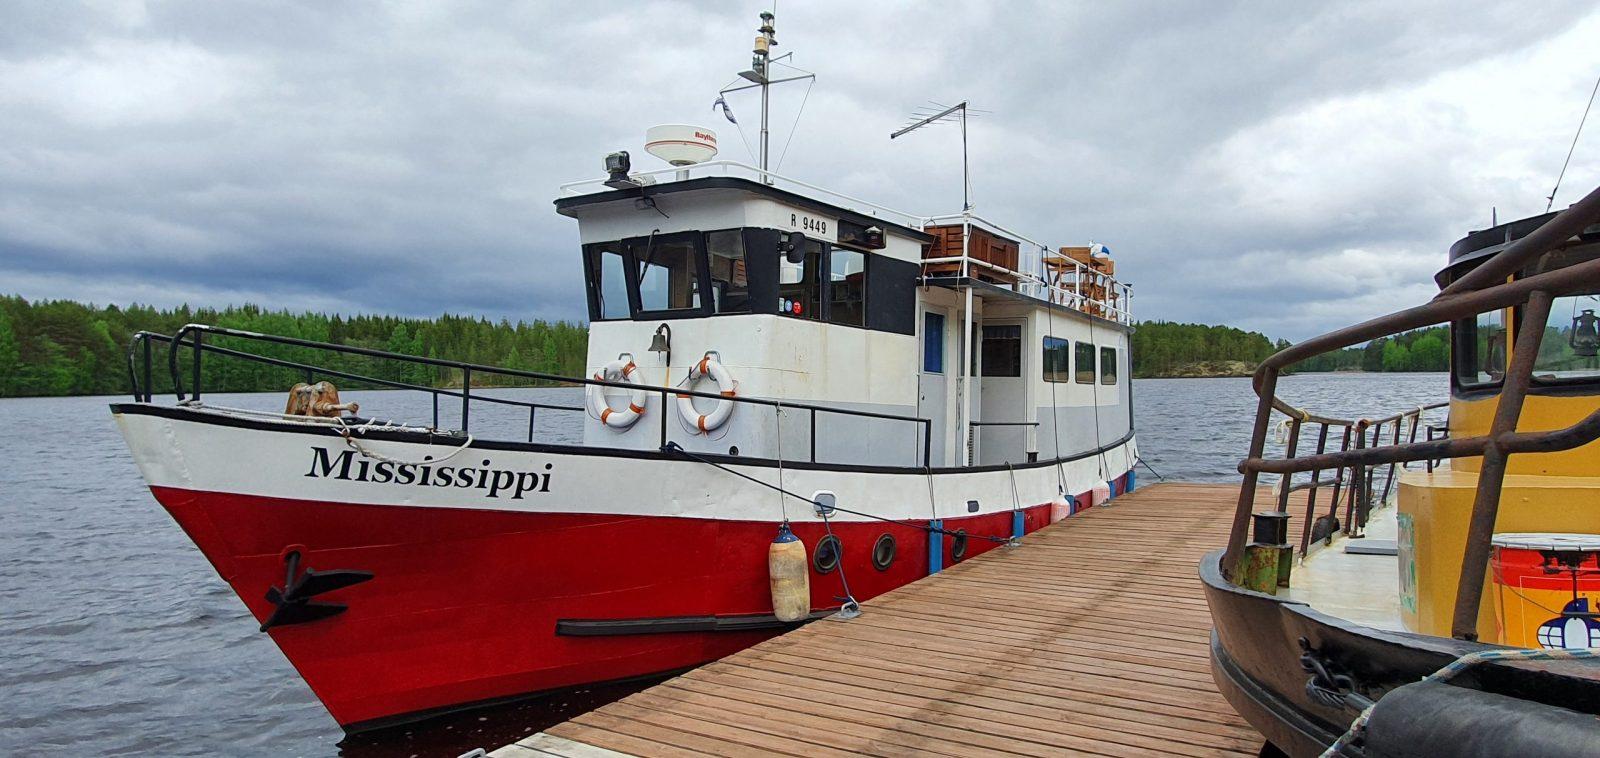 Mississippi-3